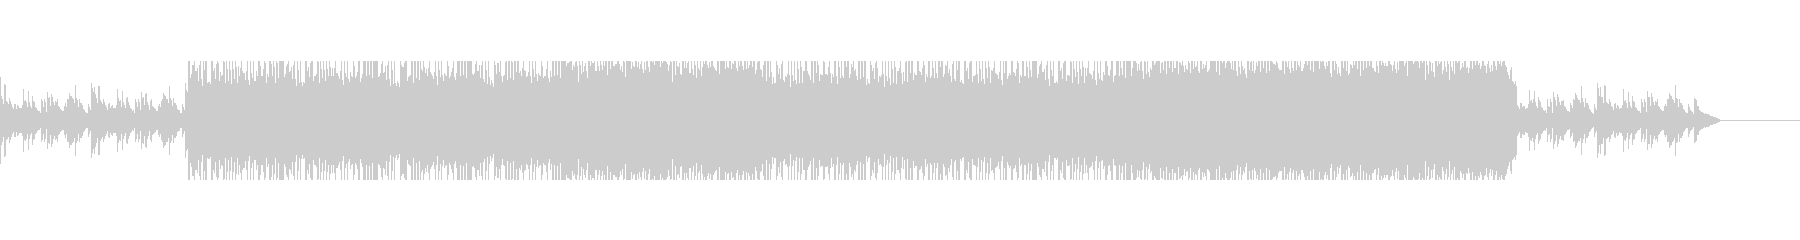 切なくも儚いピアノがメインのBGMの未再生の波形